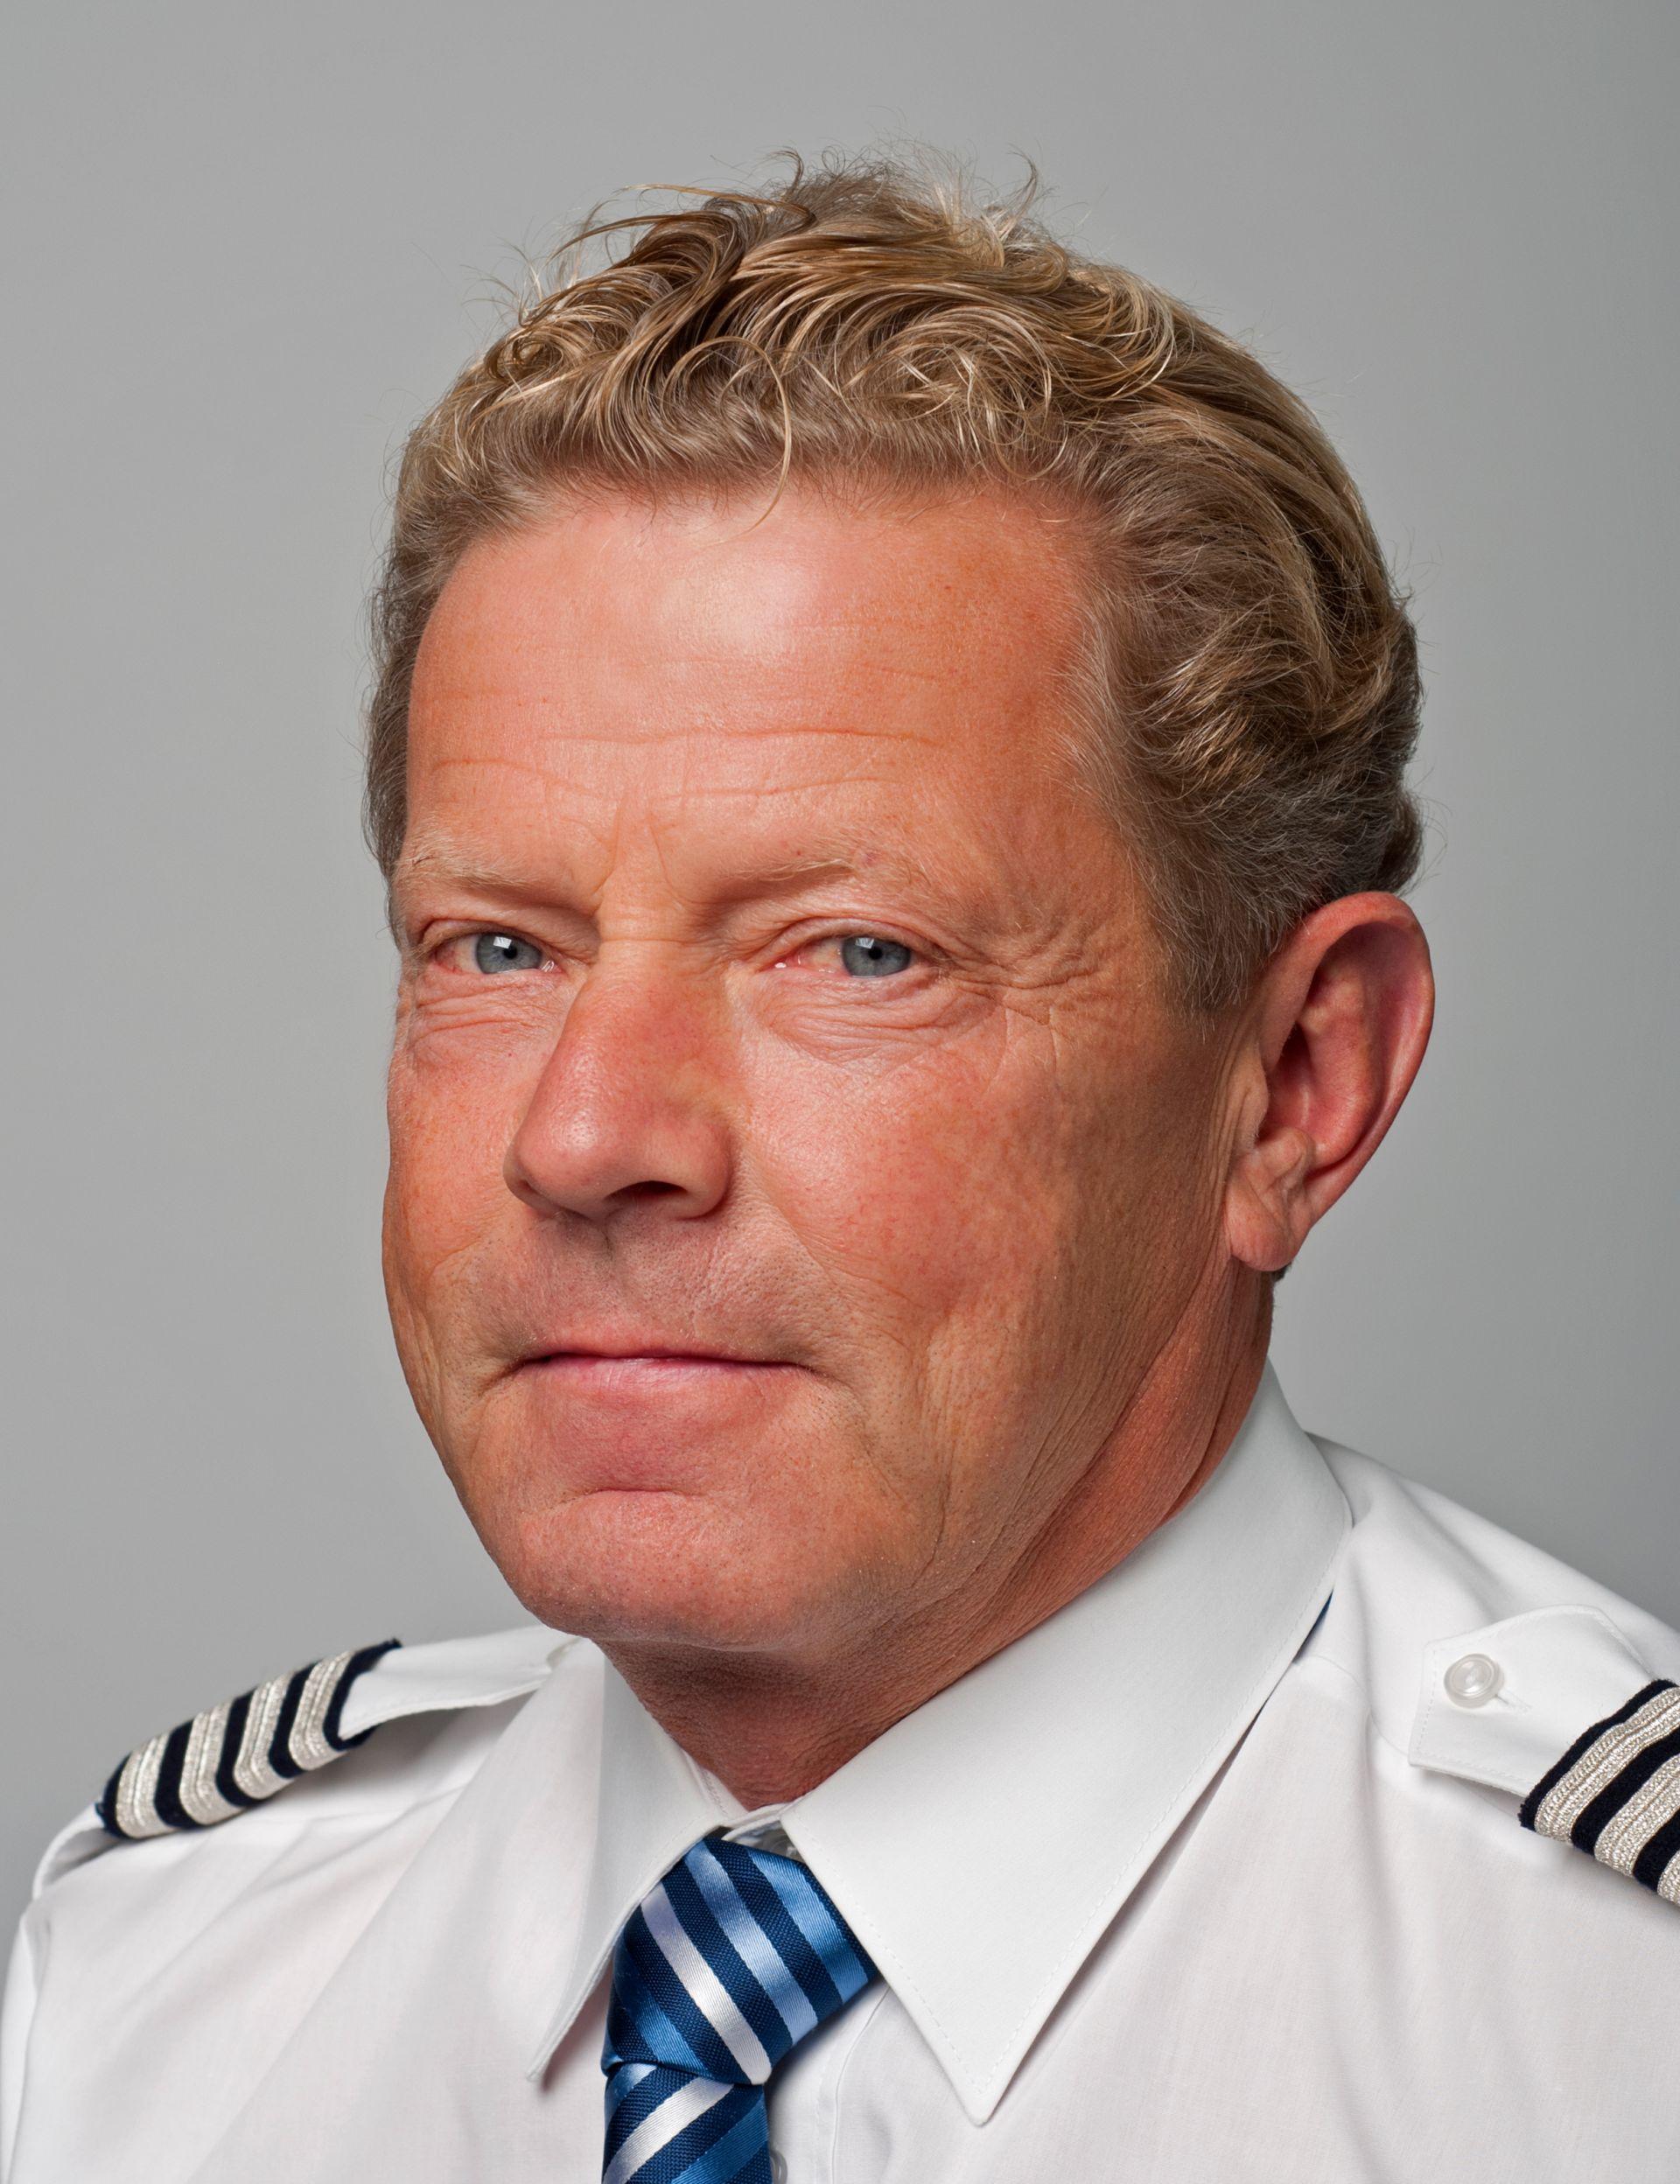 Max Tauscher